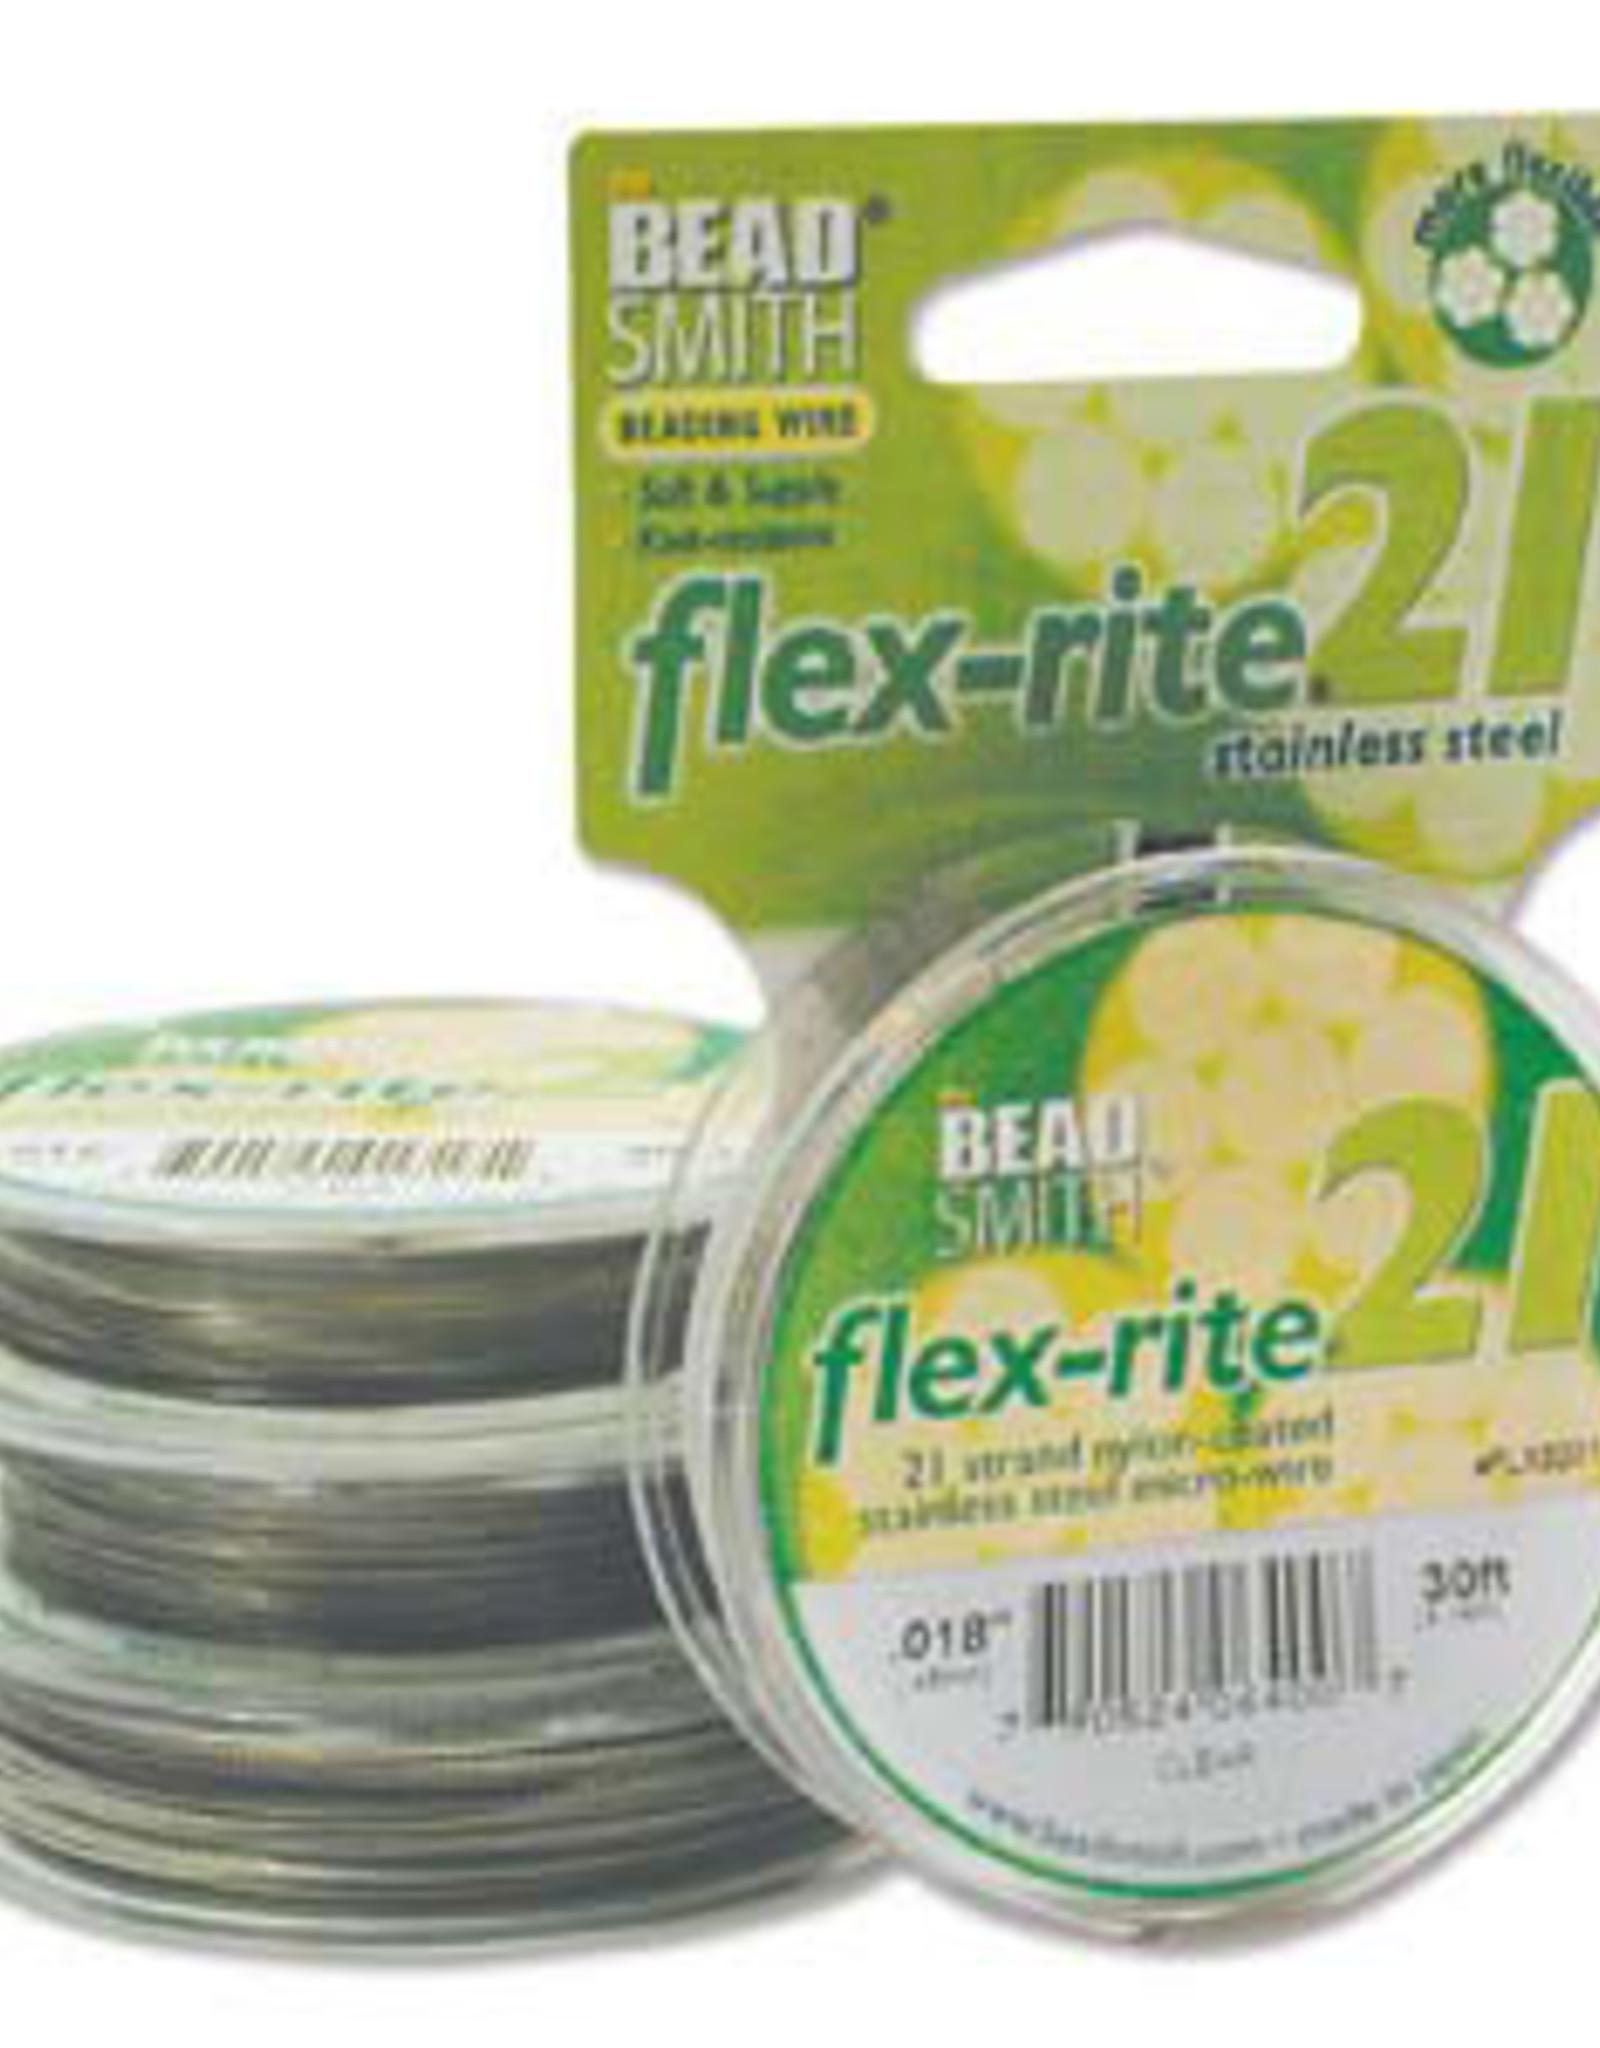 Flex-rite 7 Strand Bead Wire Copper Color 30ft